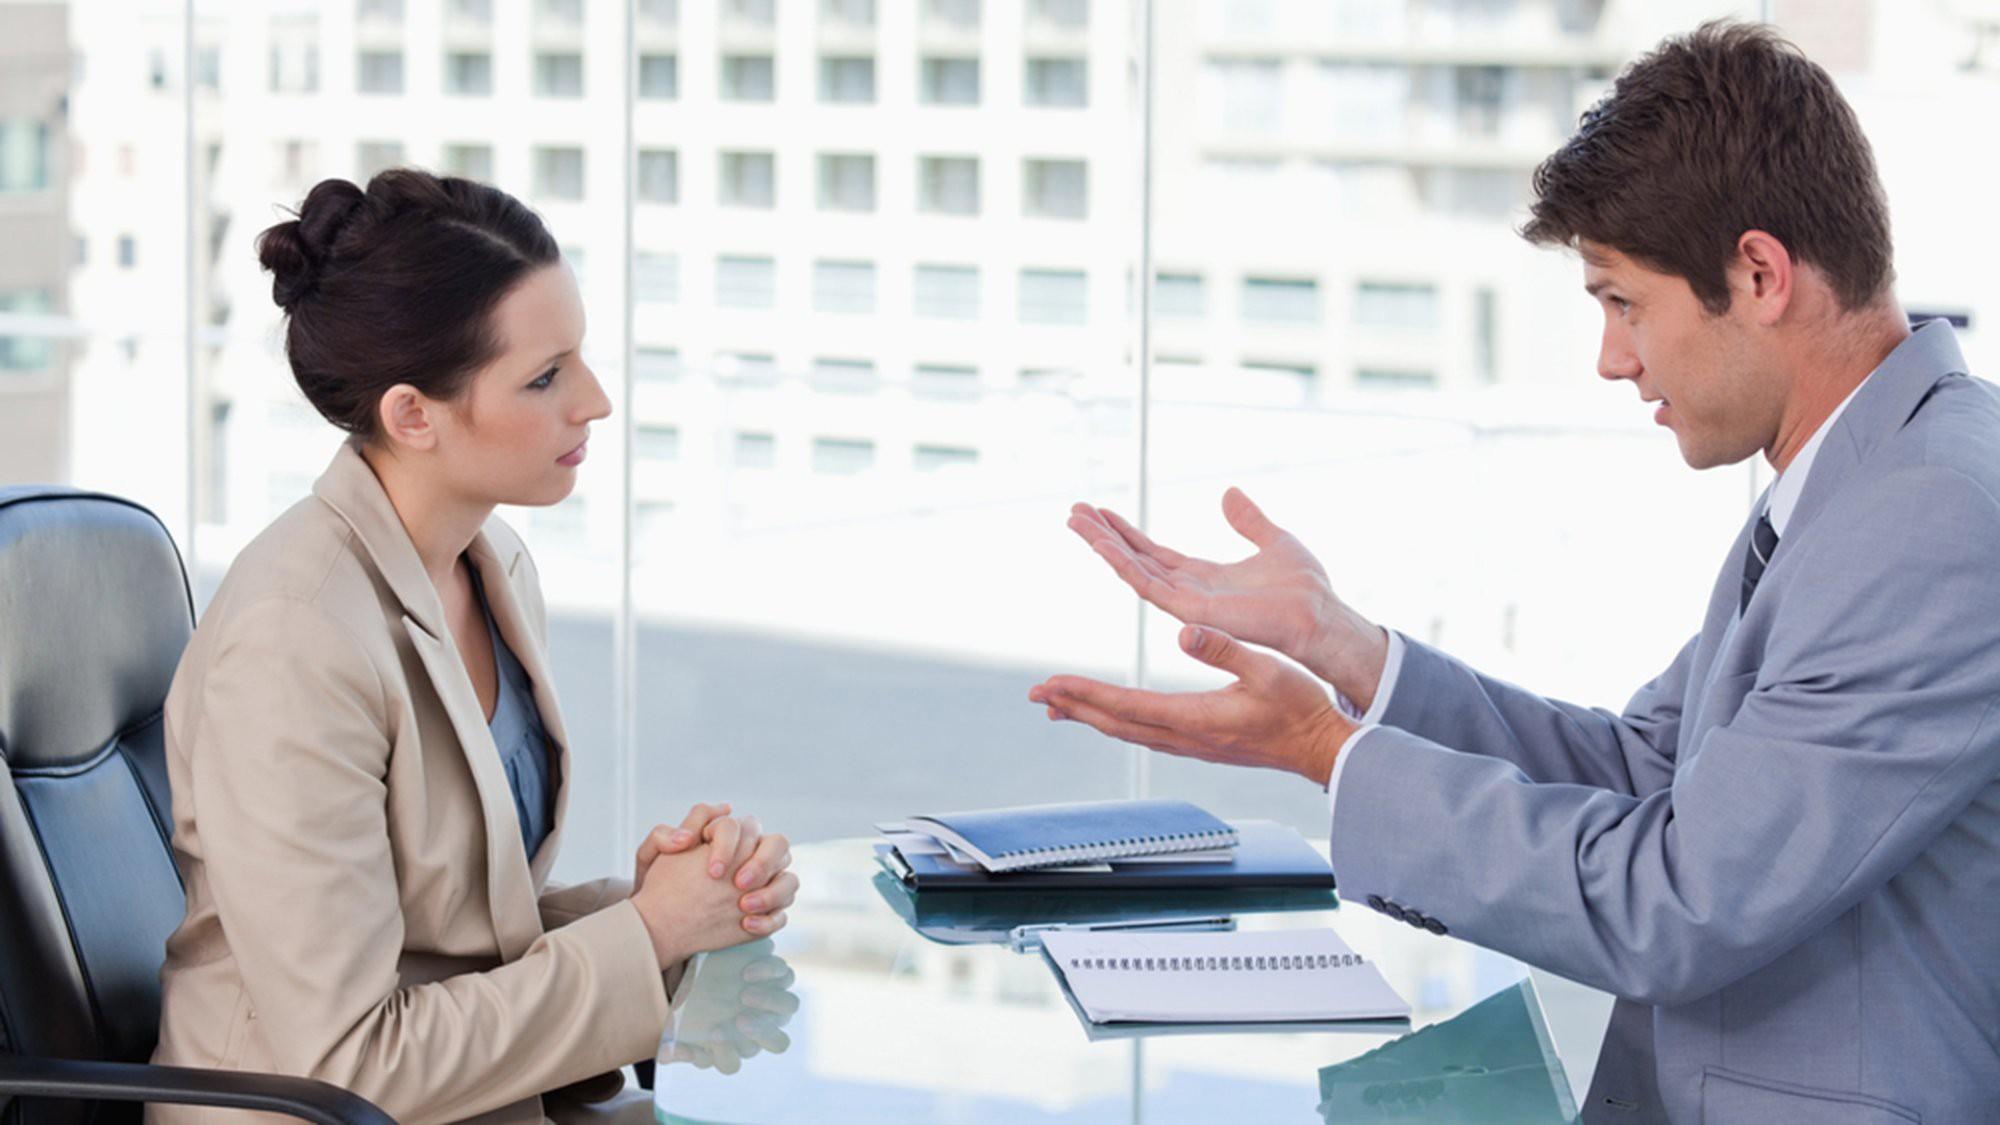 Đàm phán và thương lượng